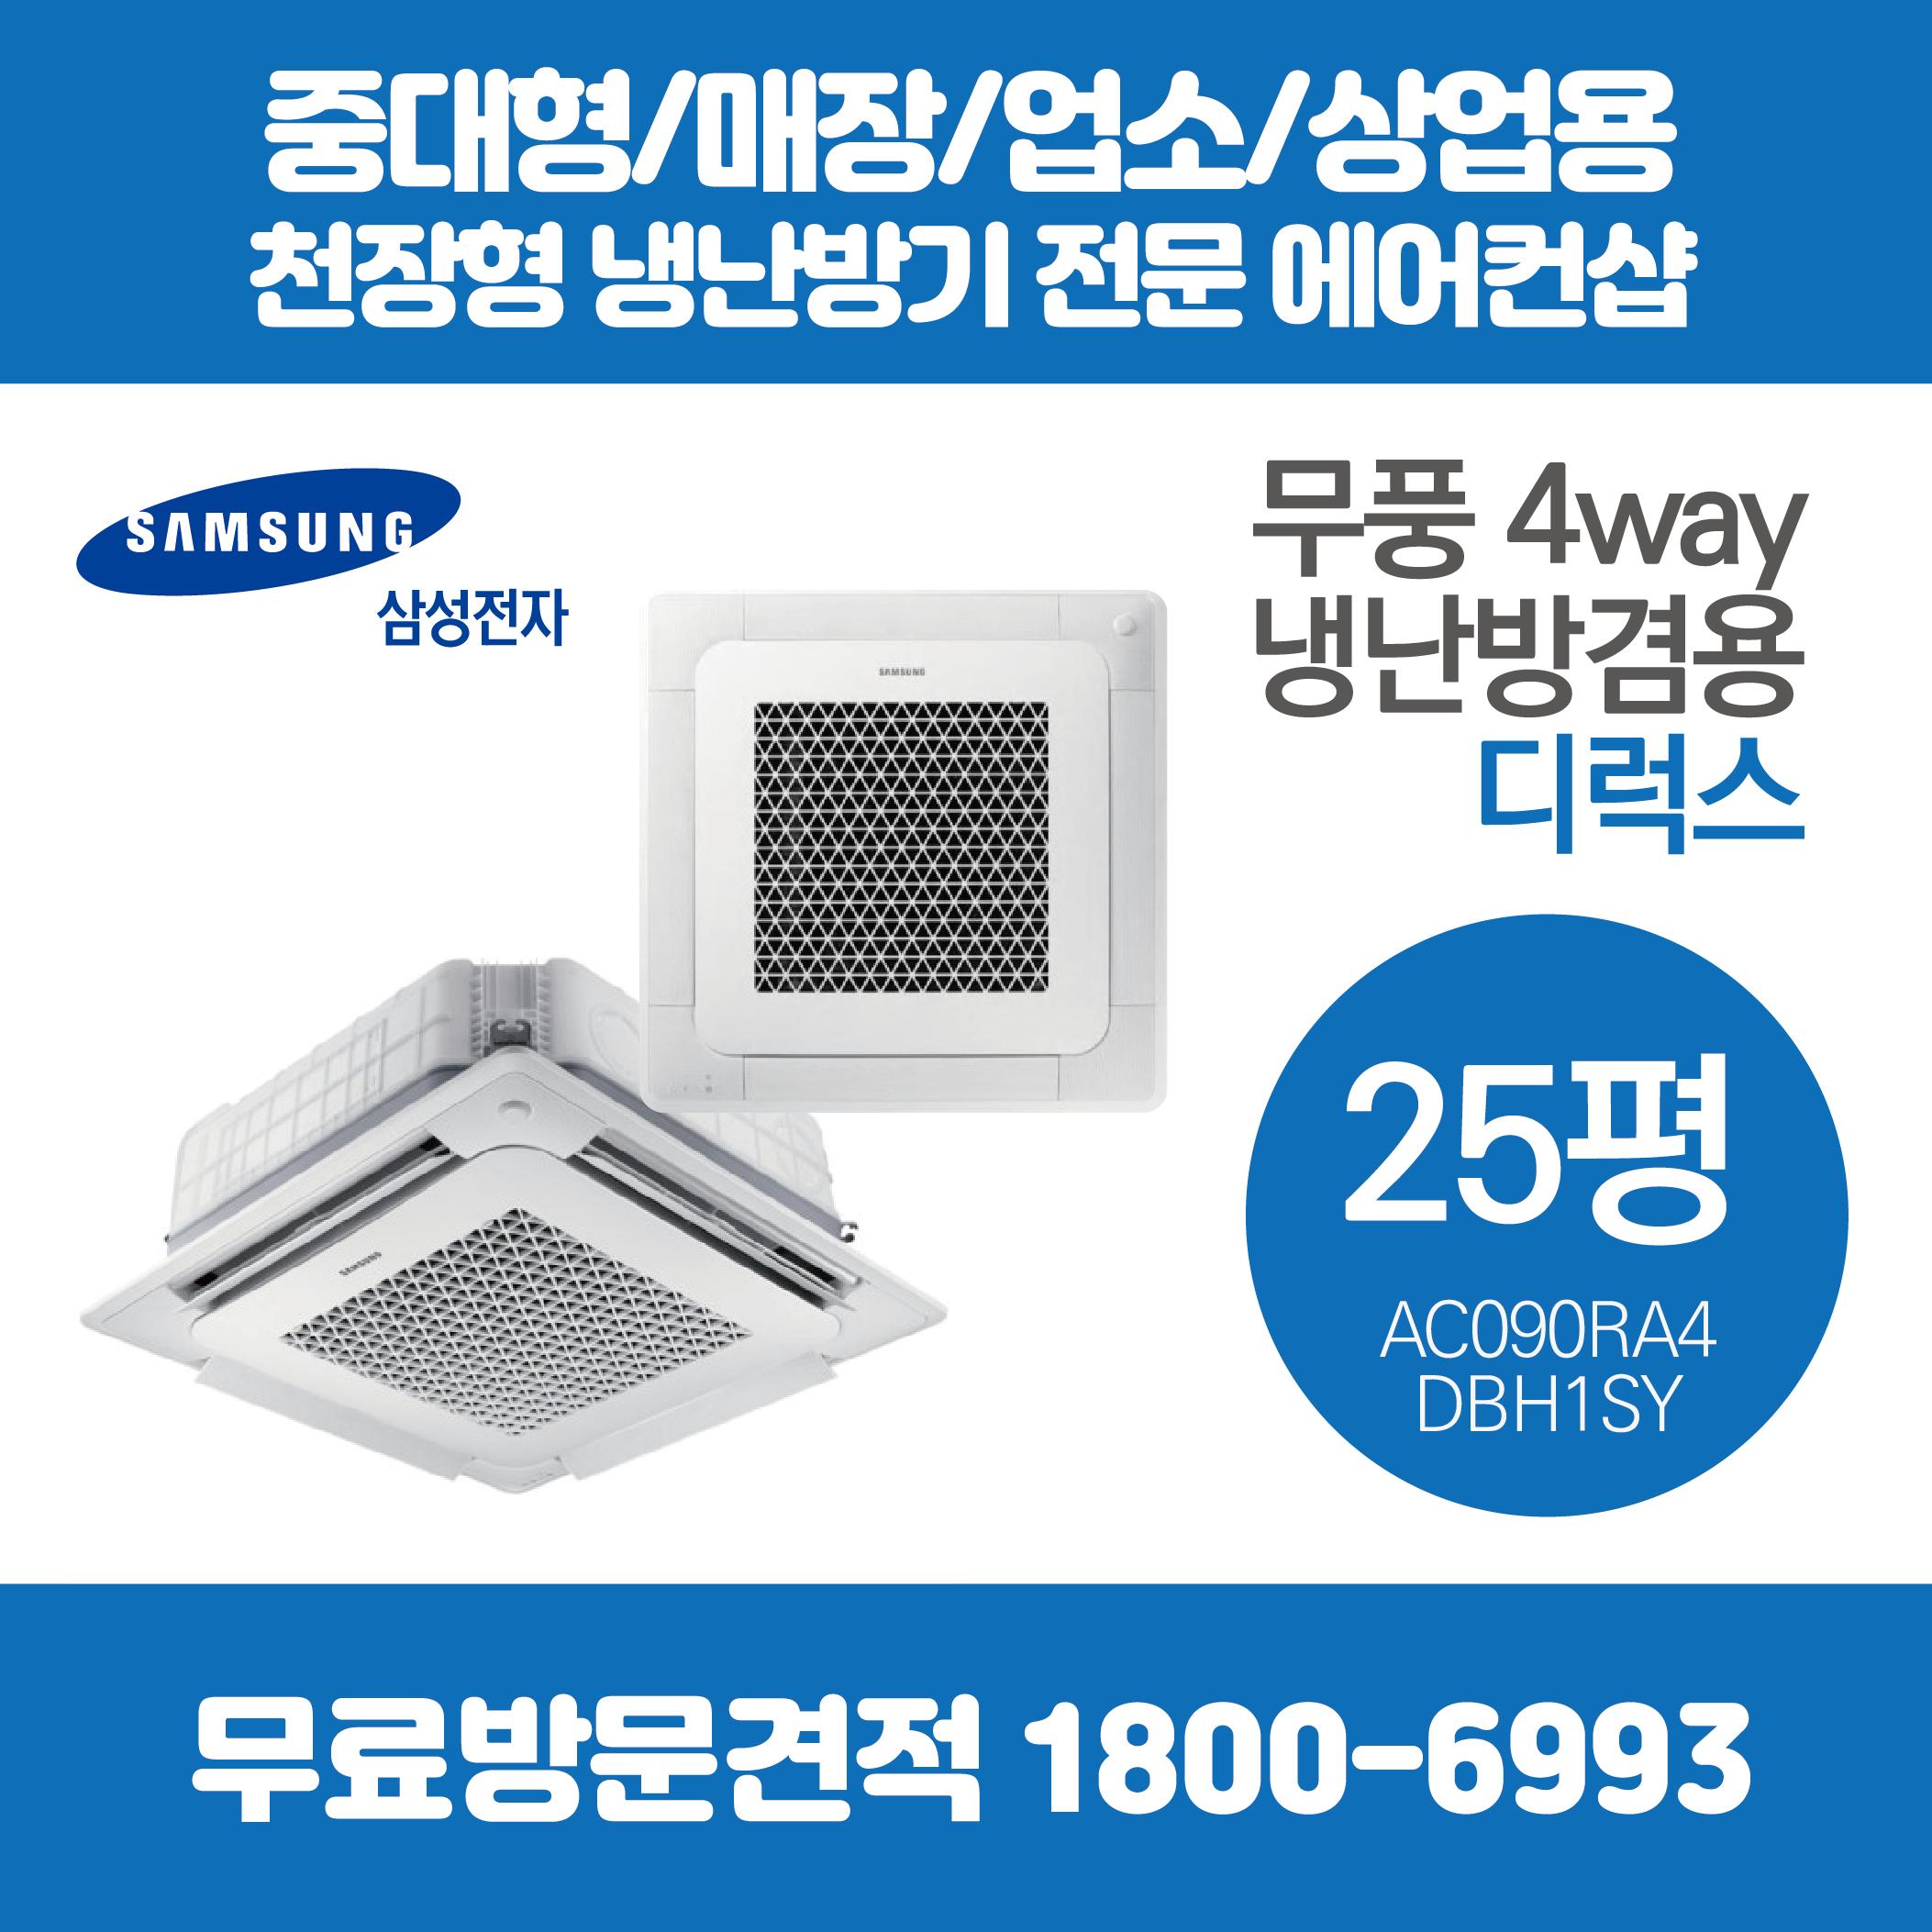 삼성 천장형 에어컨 4way 냉난방기 디럭스 25평 (AC090RA4DBH1SY) (POP 4869372012)